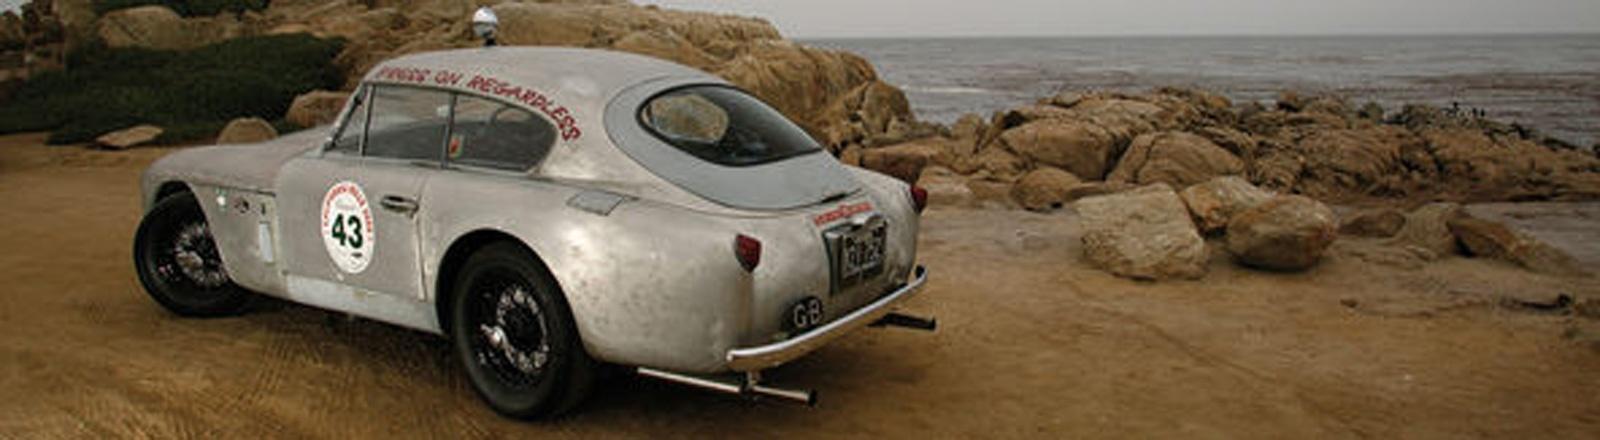 Destoration Aston Martin